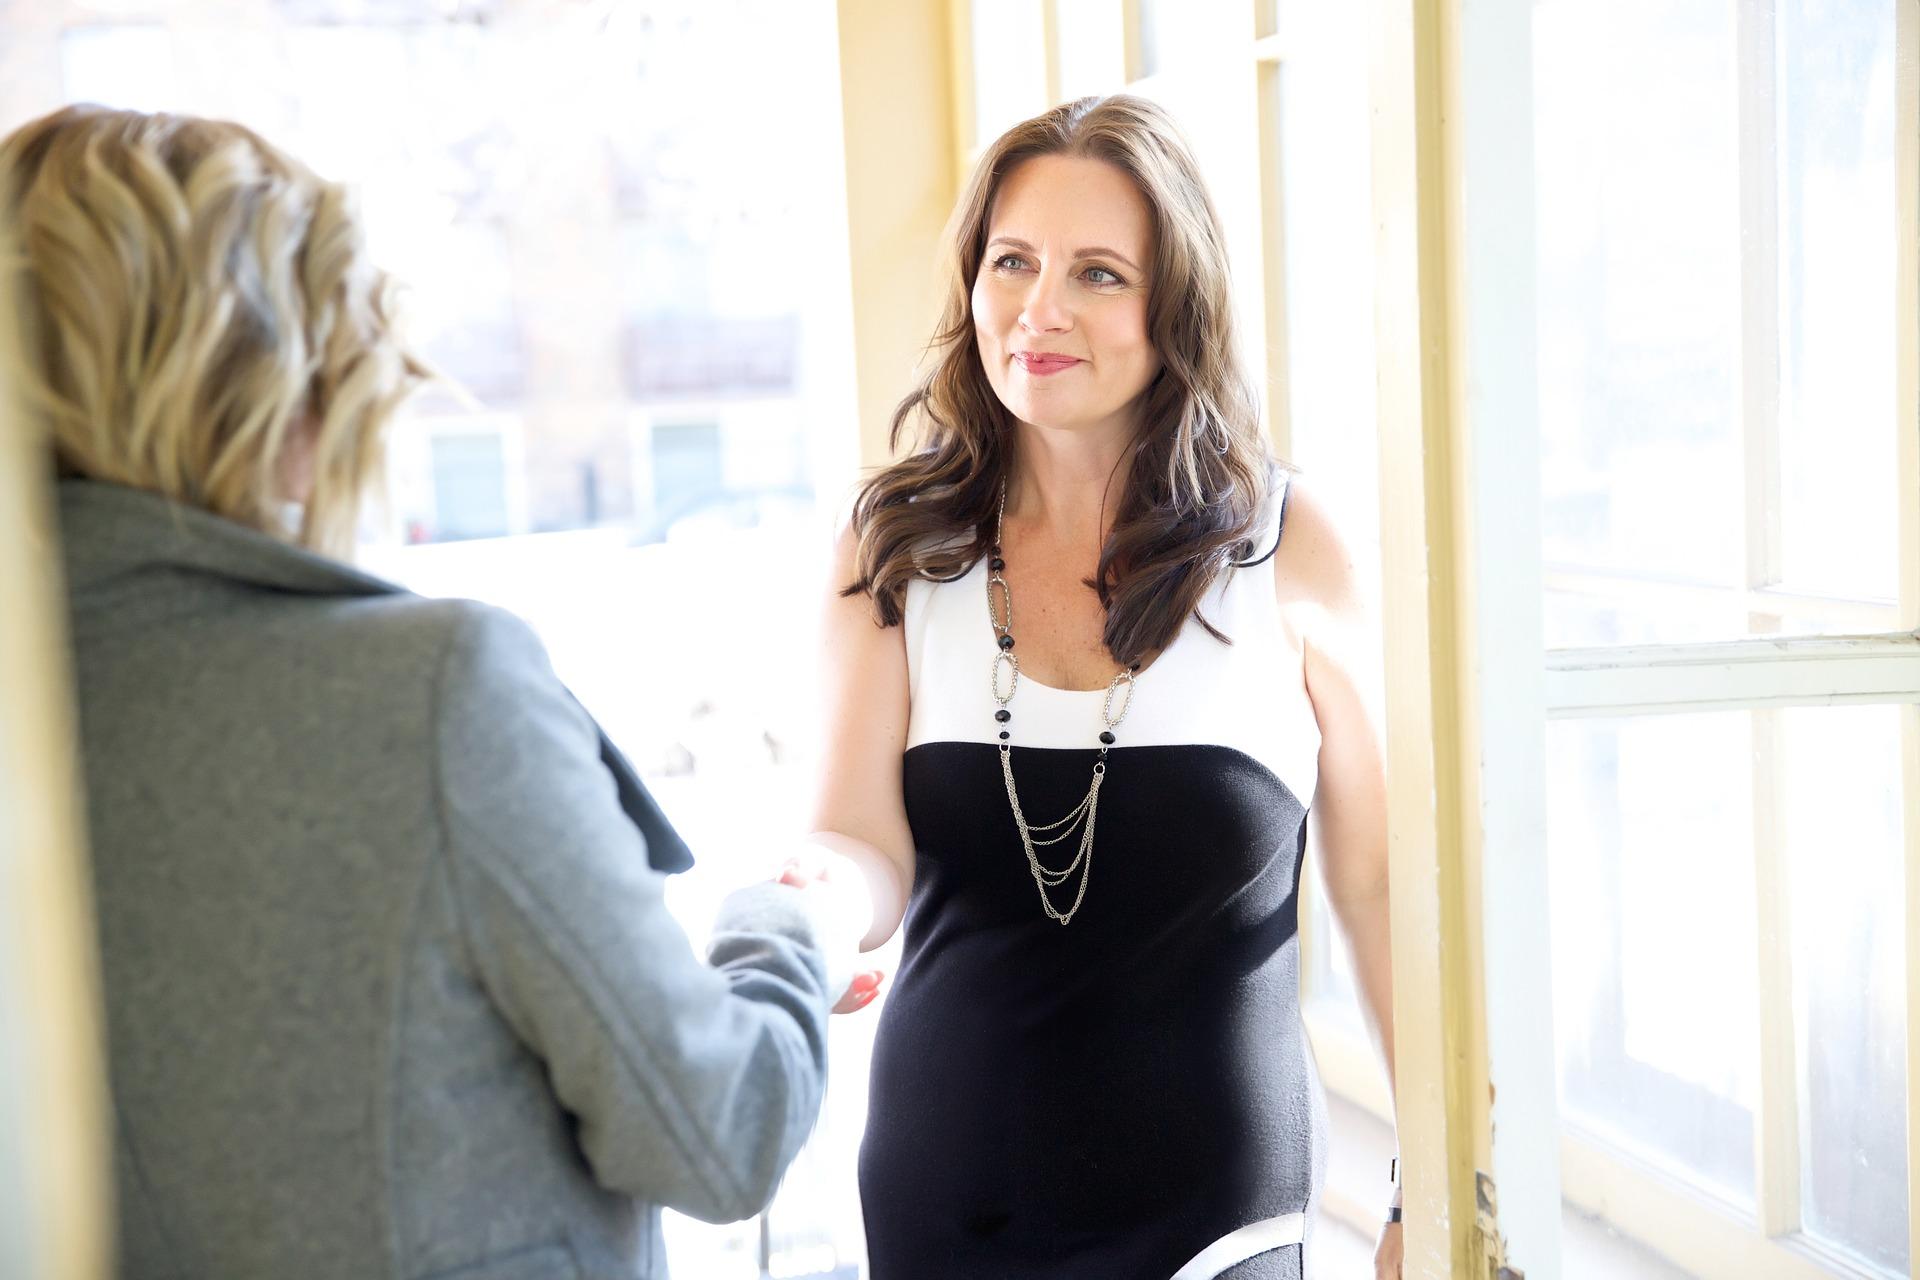 איך לספר בראיון עבודה שחלית בסרטן